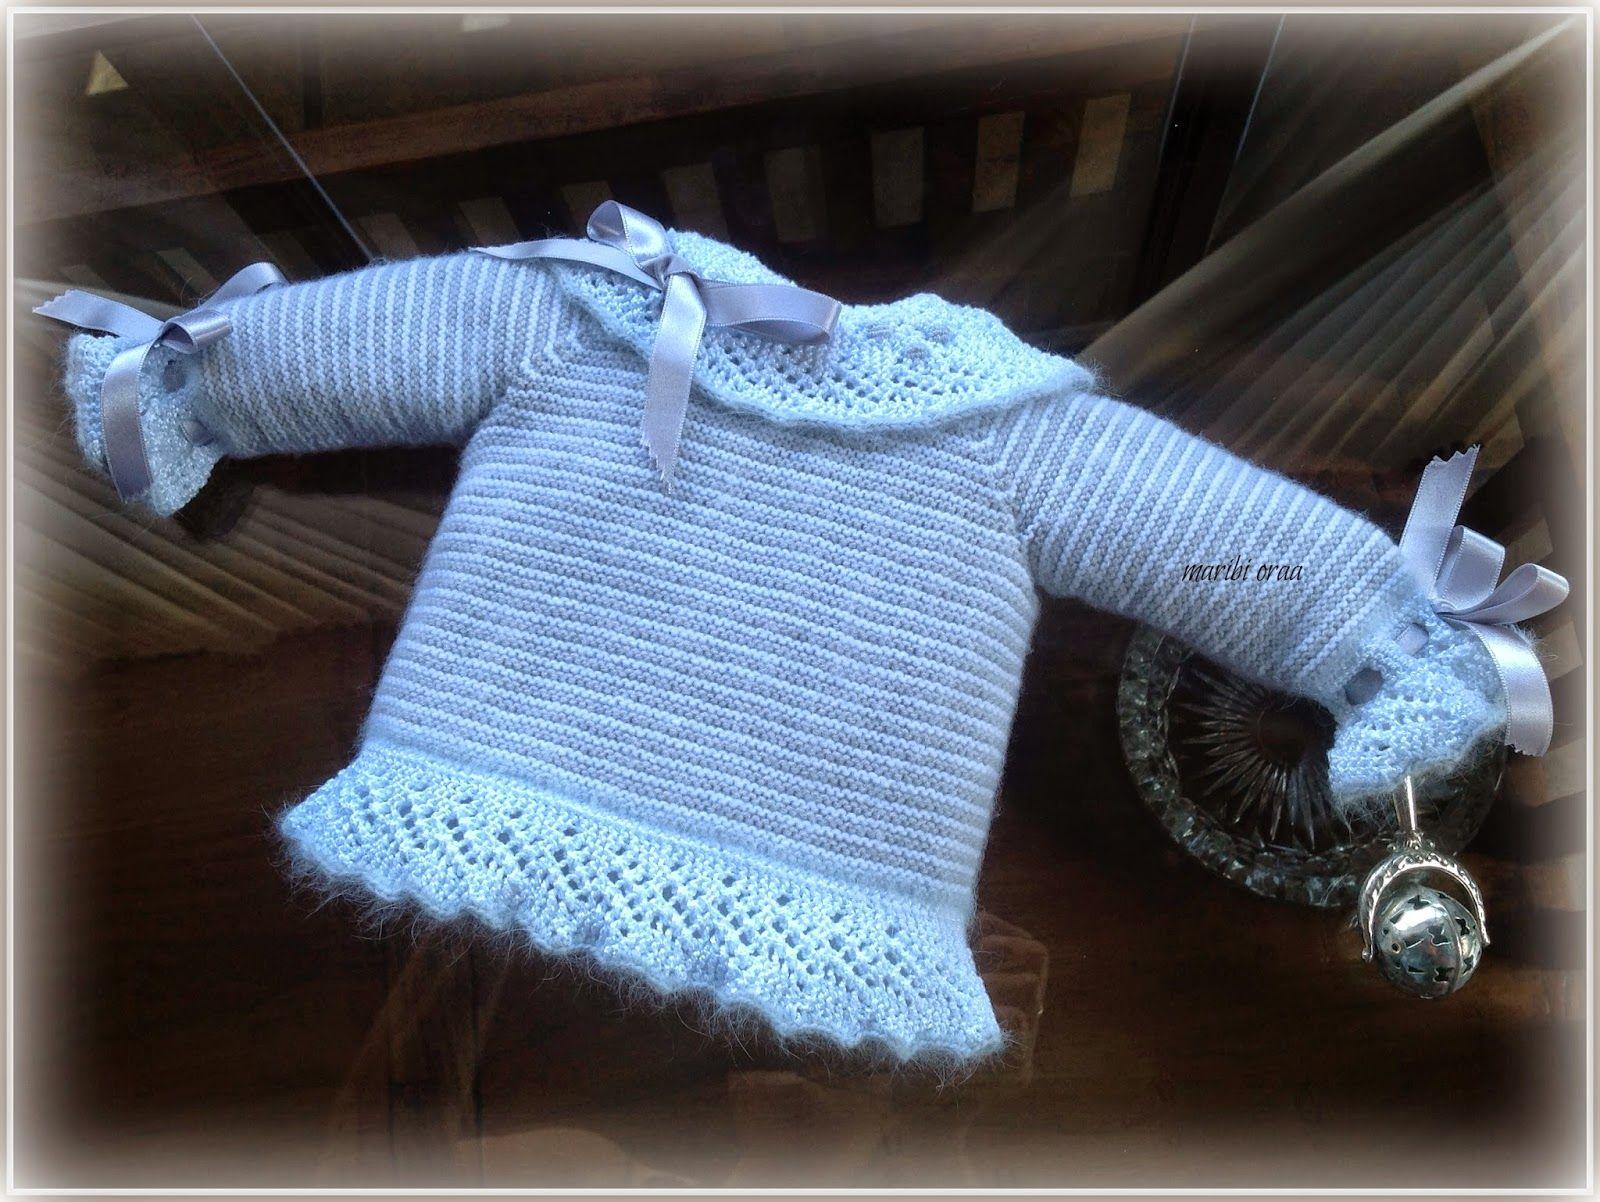 Explicaciones en lana perl y angora para beb tutorial chaquetita rayada gris y blanca 0 3 - Tejer chaqueta bebe 6 meses ...